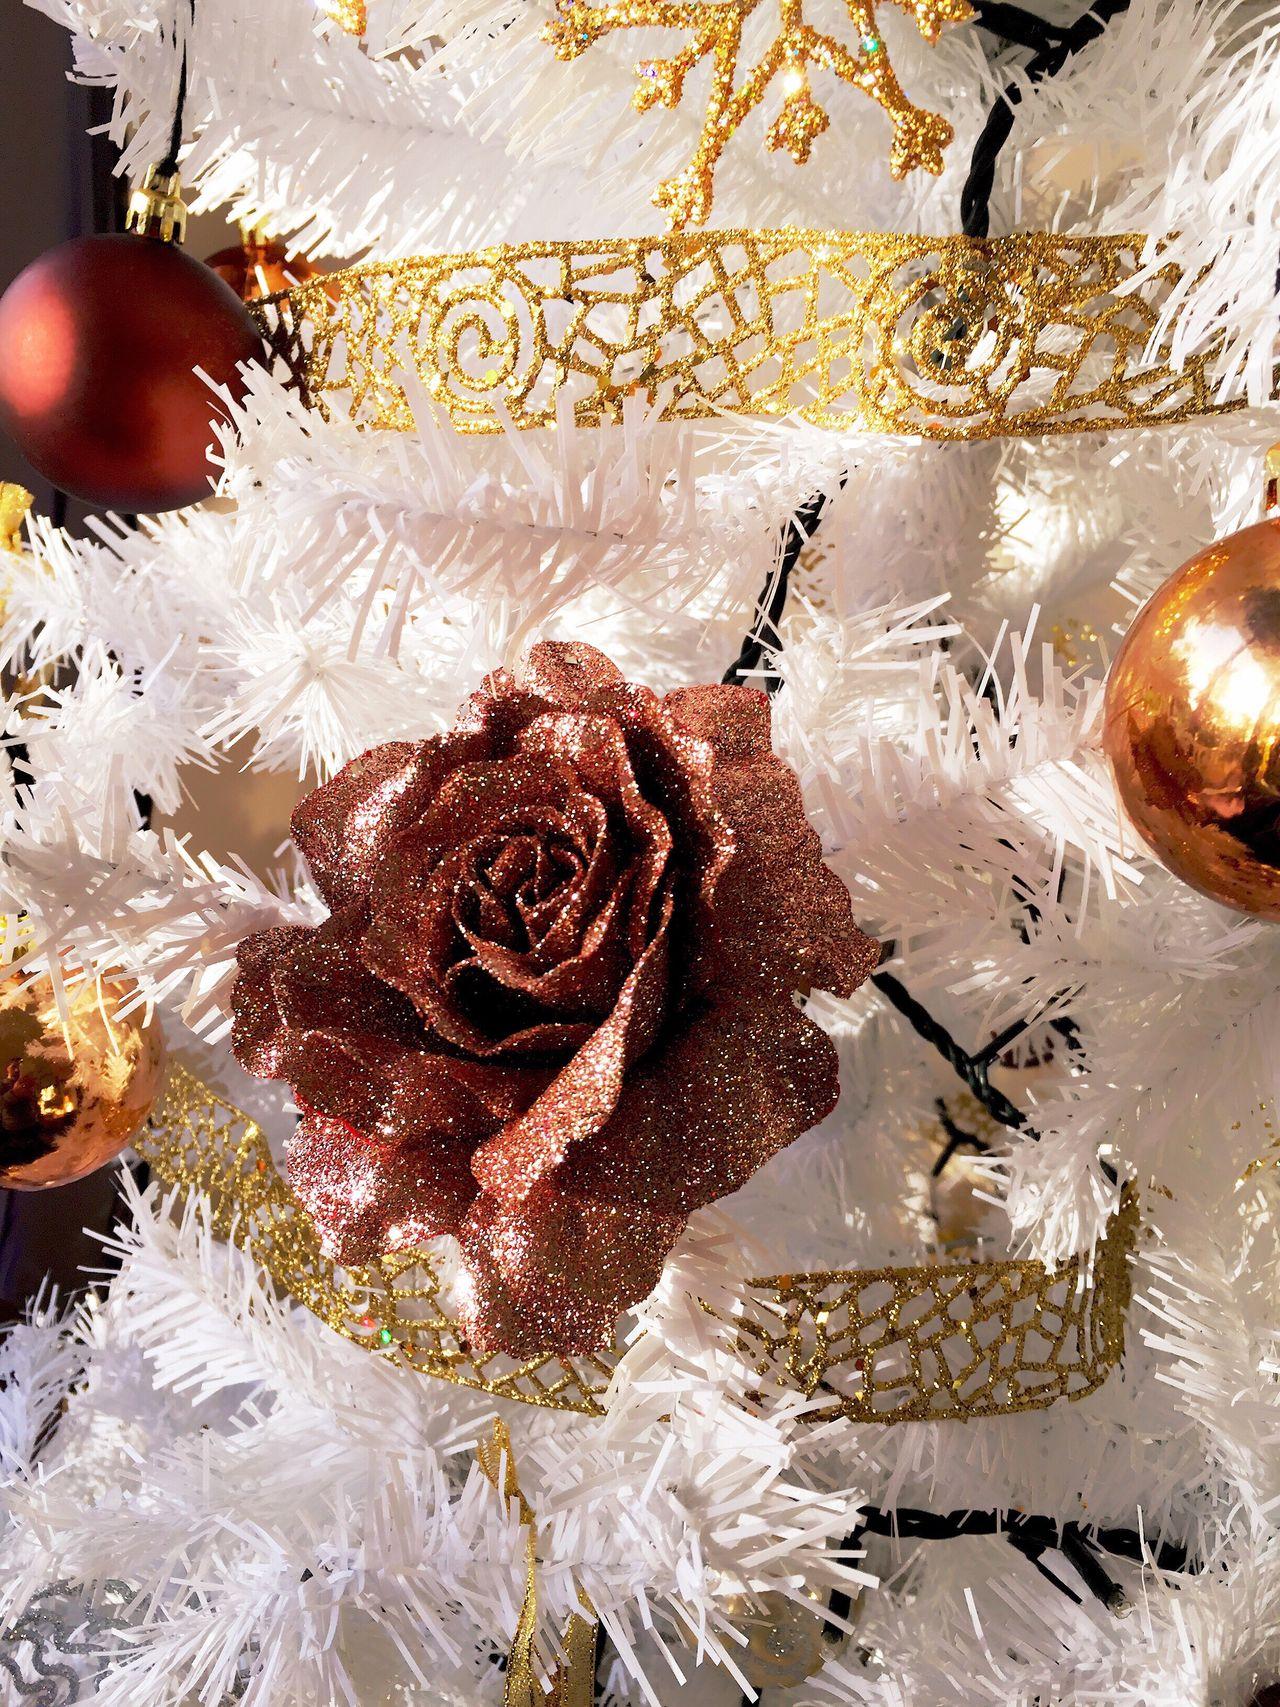 Natal Christmas Tree Christmas Decorations Roses Christmas Ornament Christmas Decoration Arvoredenatal Decoracaodenatal Decoration Decoração